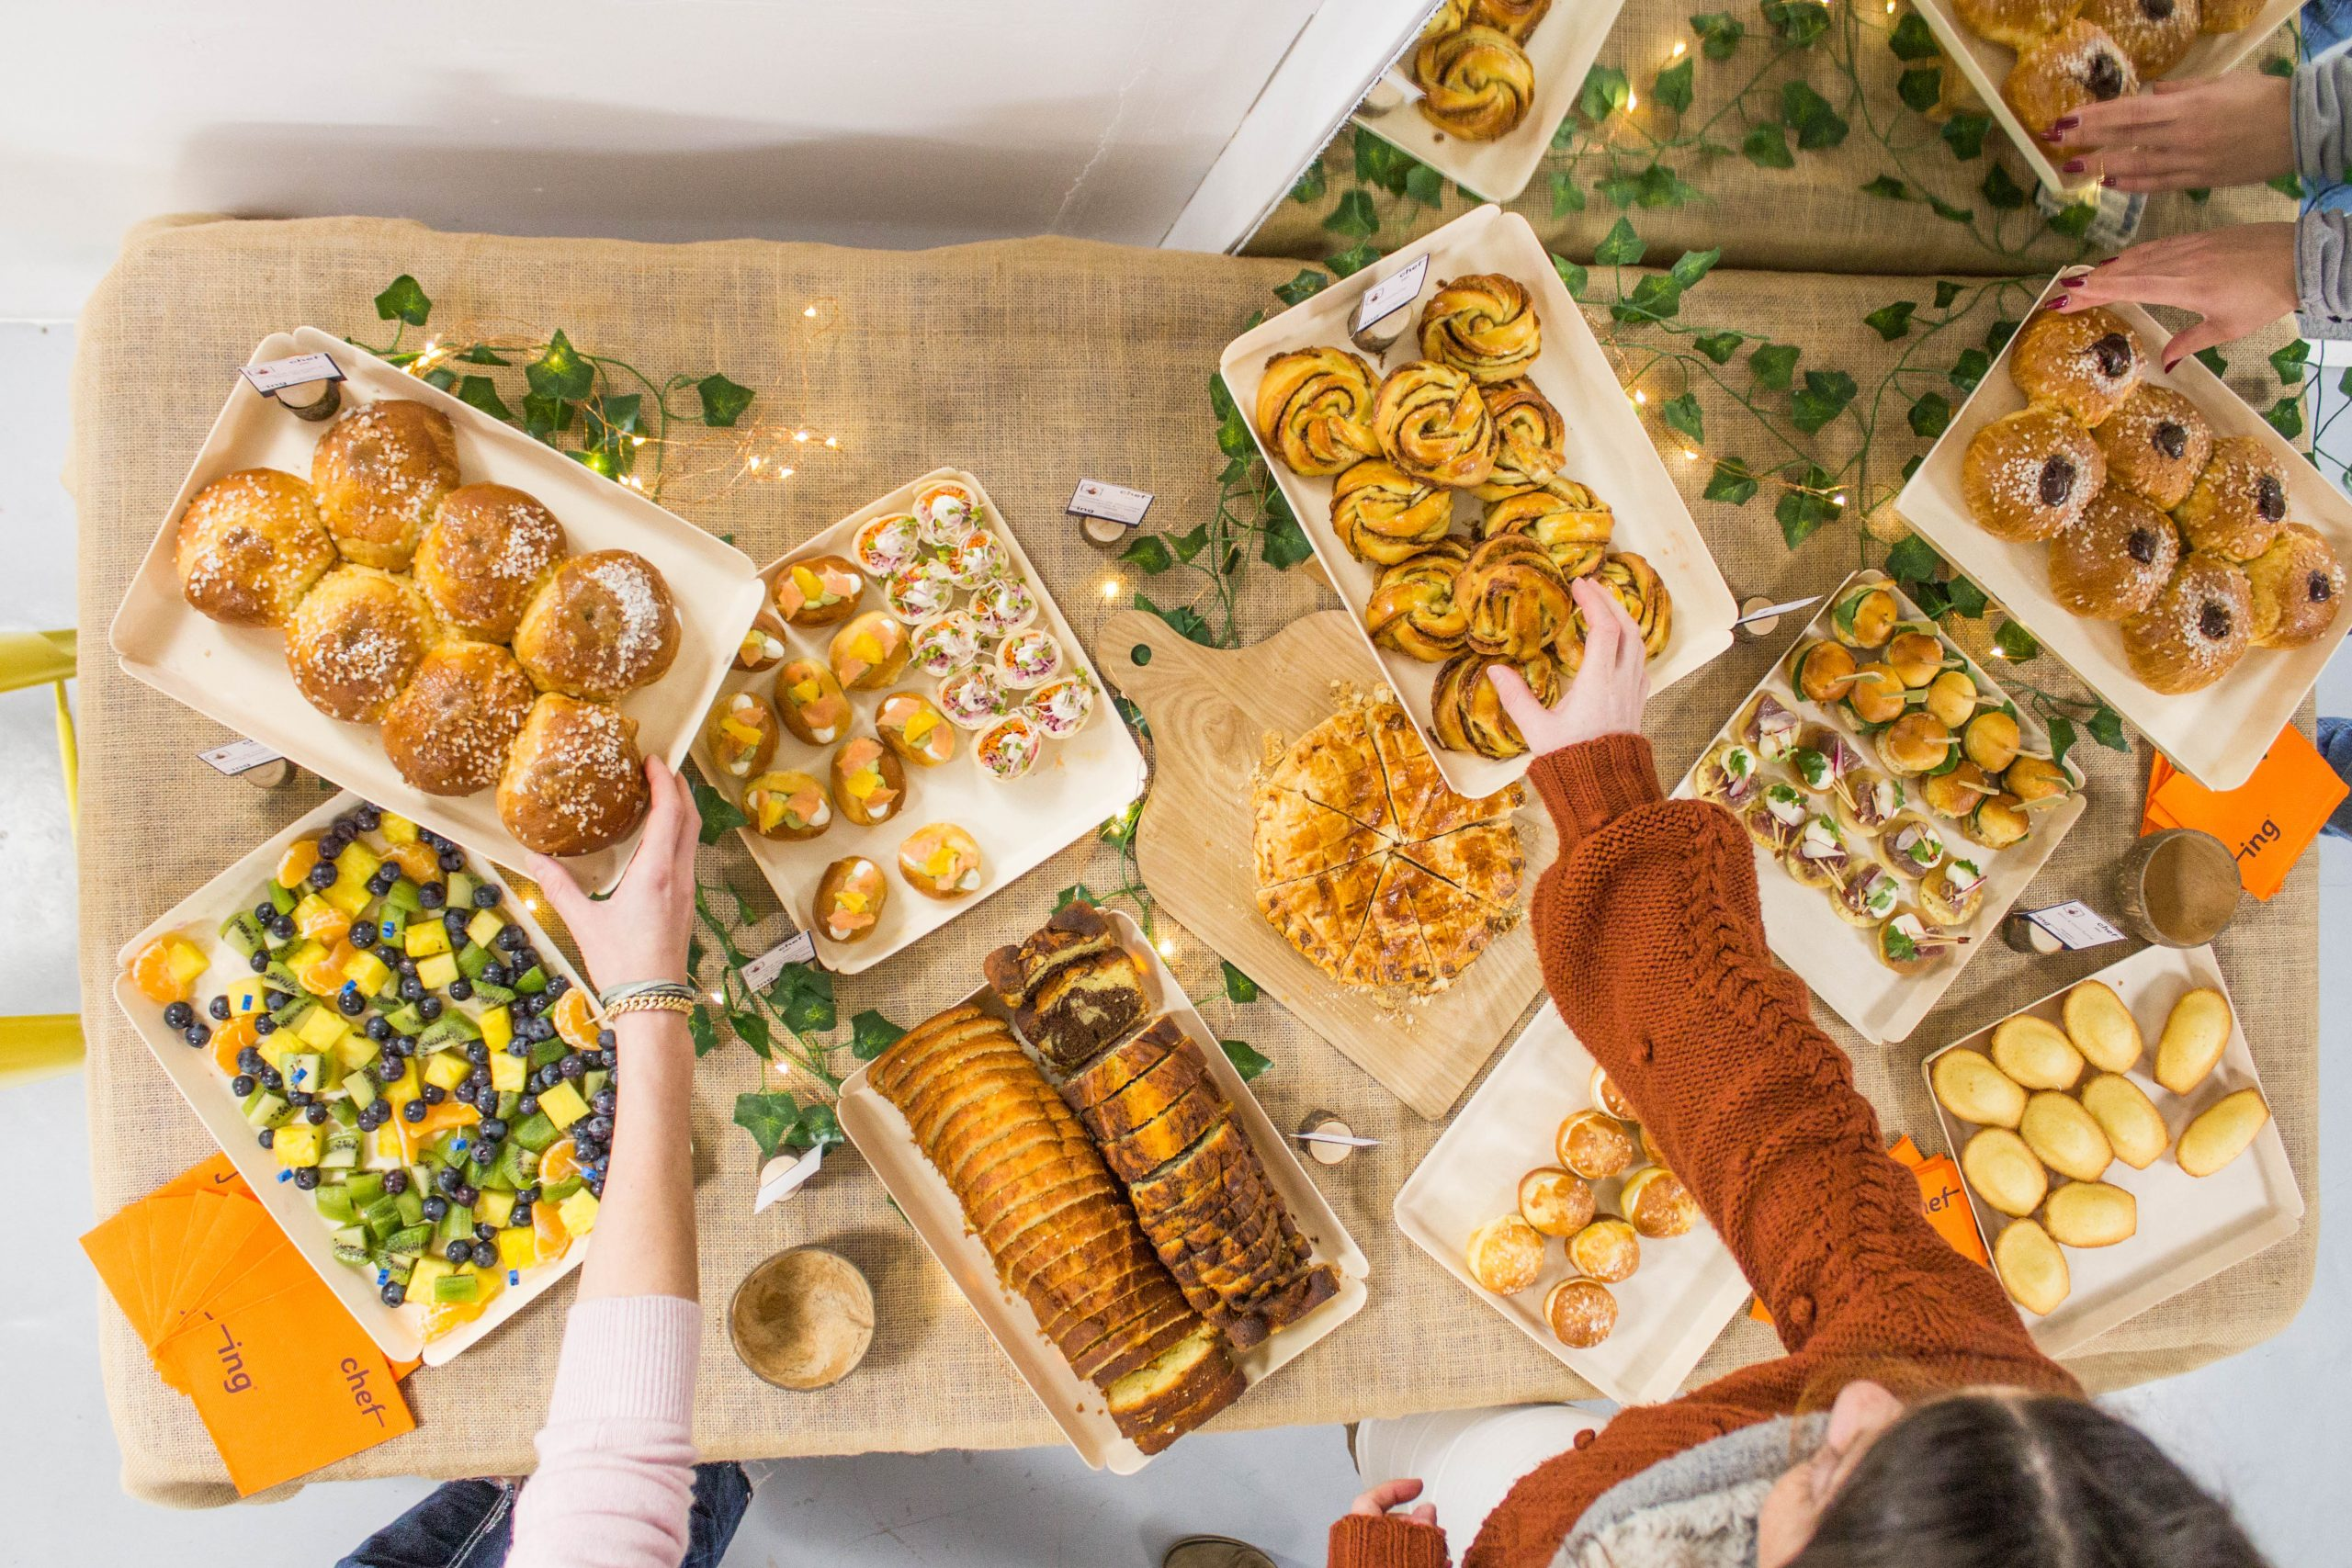 buffet petit dejeuner avec trois mains qui attrapent de la brioche et des cinnamon rolls chez chefing